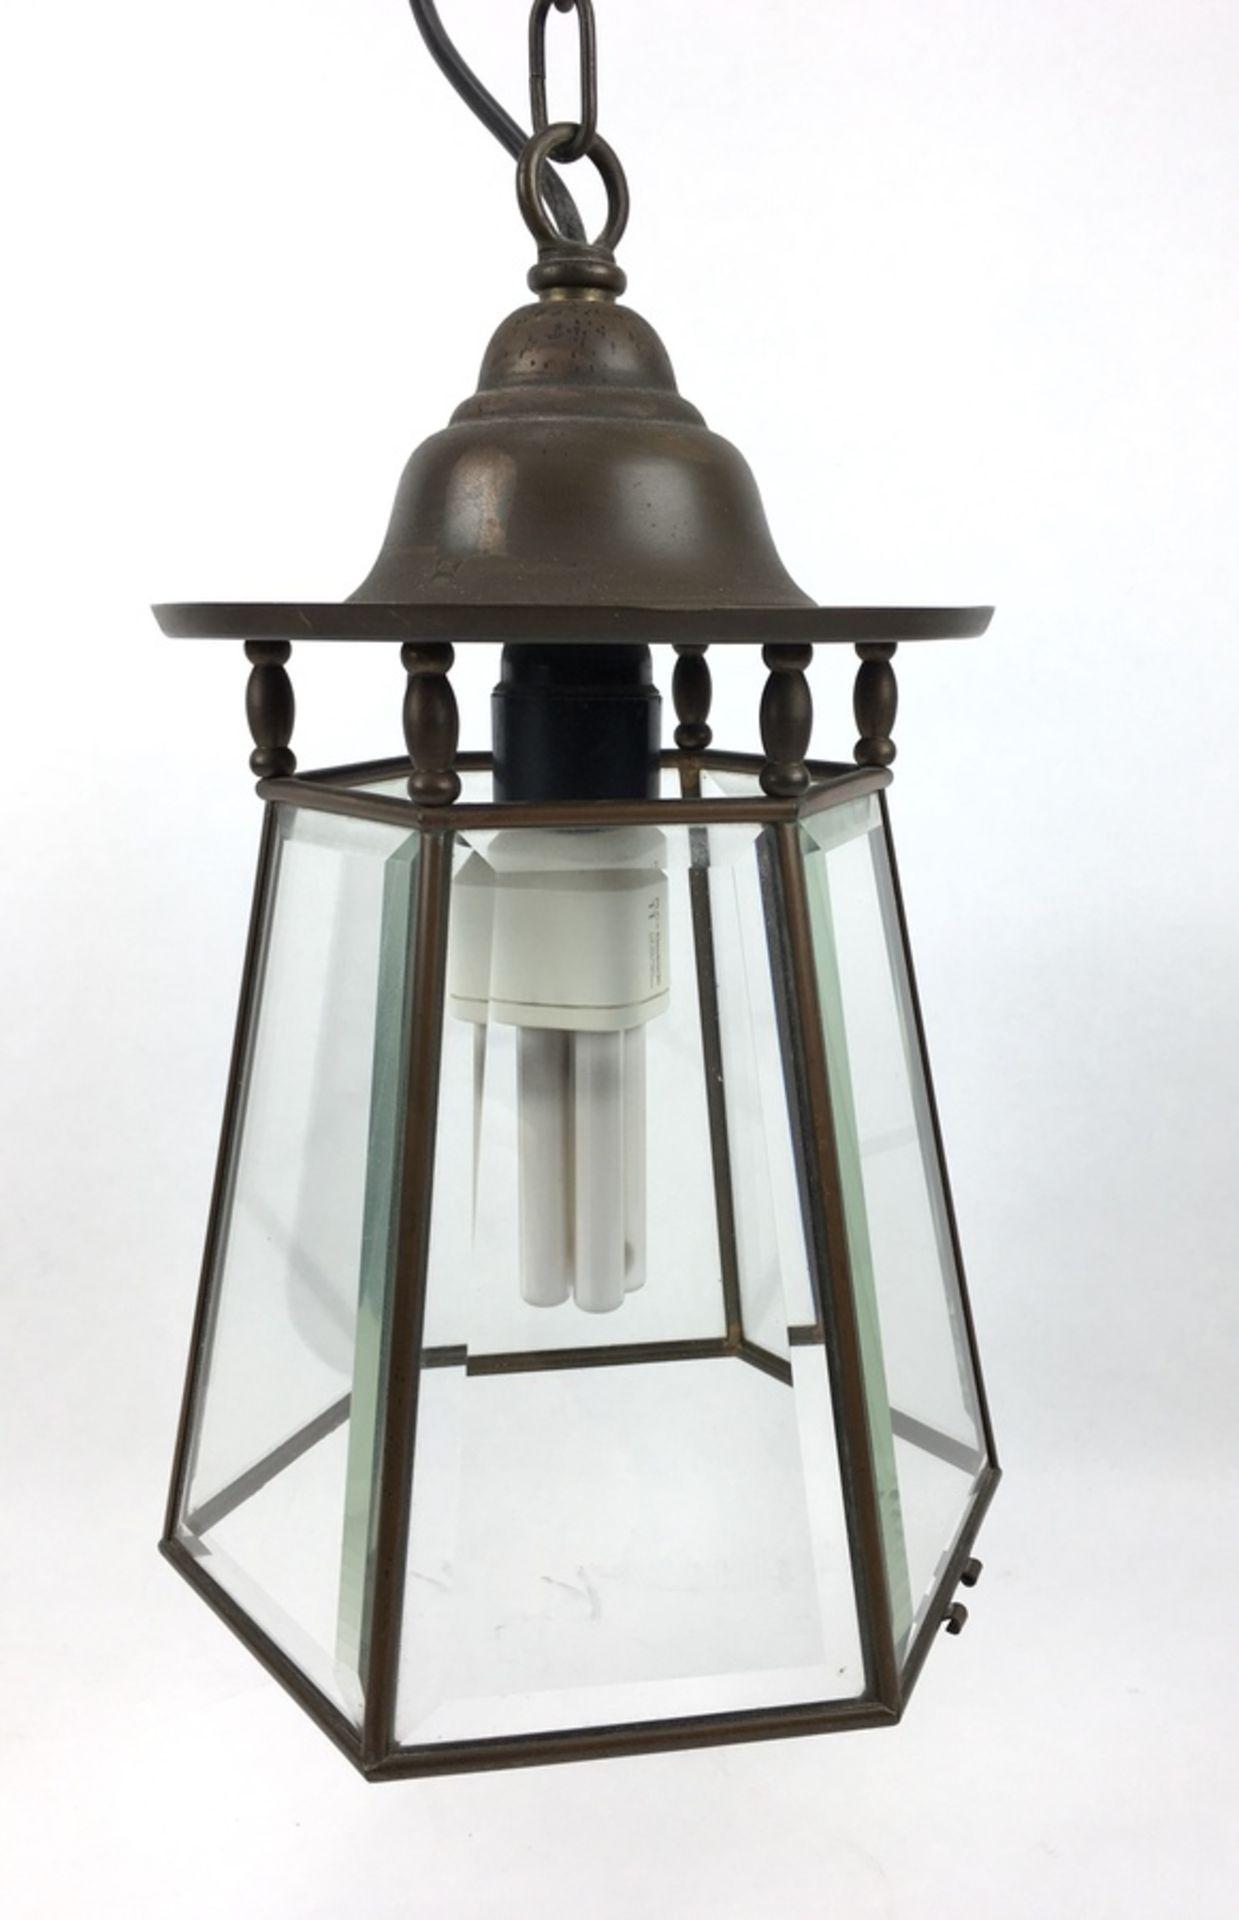 (Curiosa) HanglampZeskantige koper met geslepen glas hanglamp. Eerste helft 20e eeuw. Conditie: - Image 2 of 4